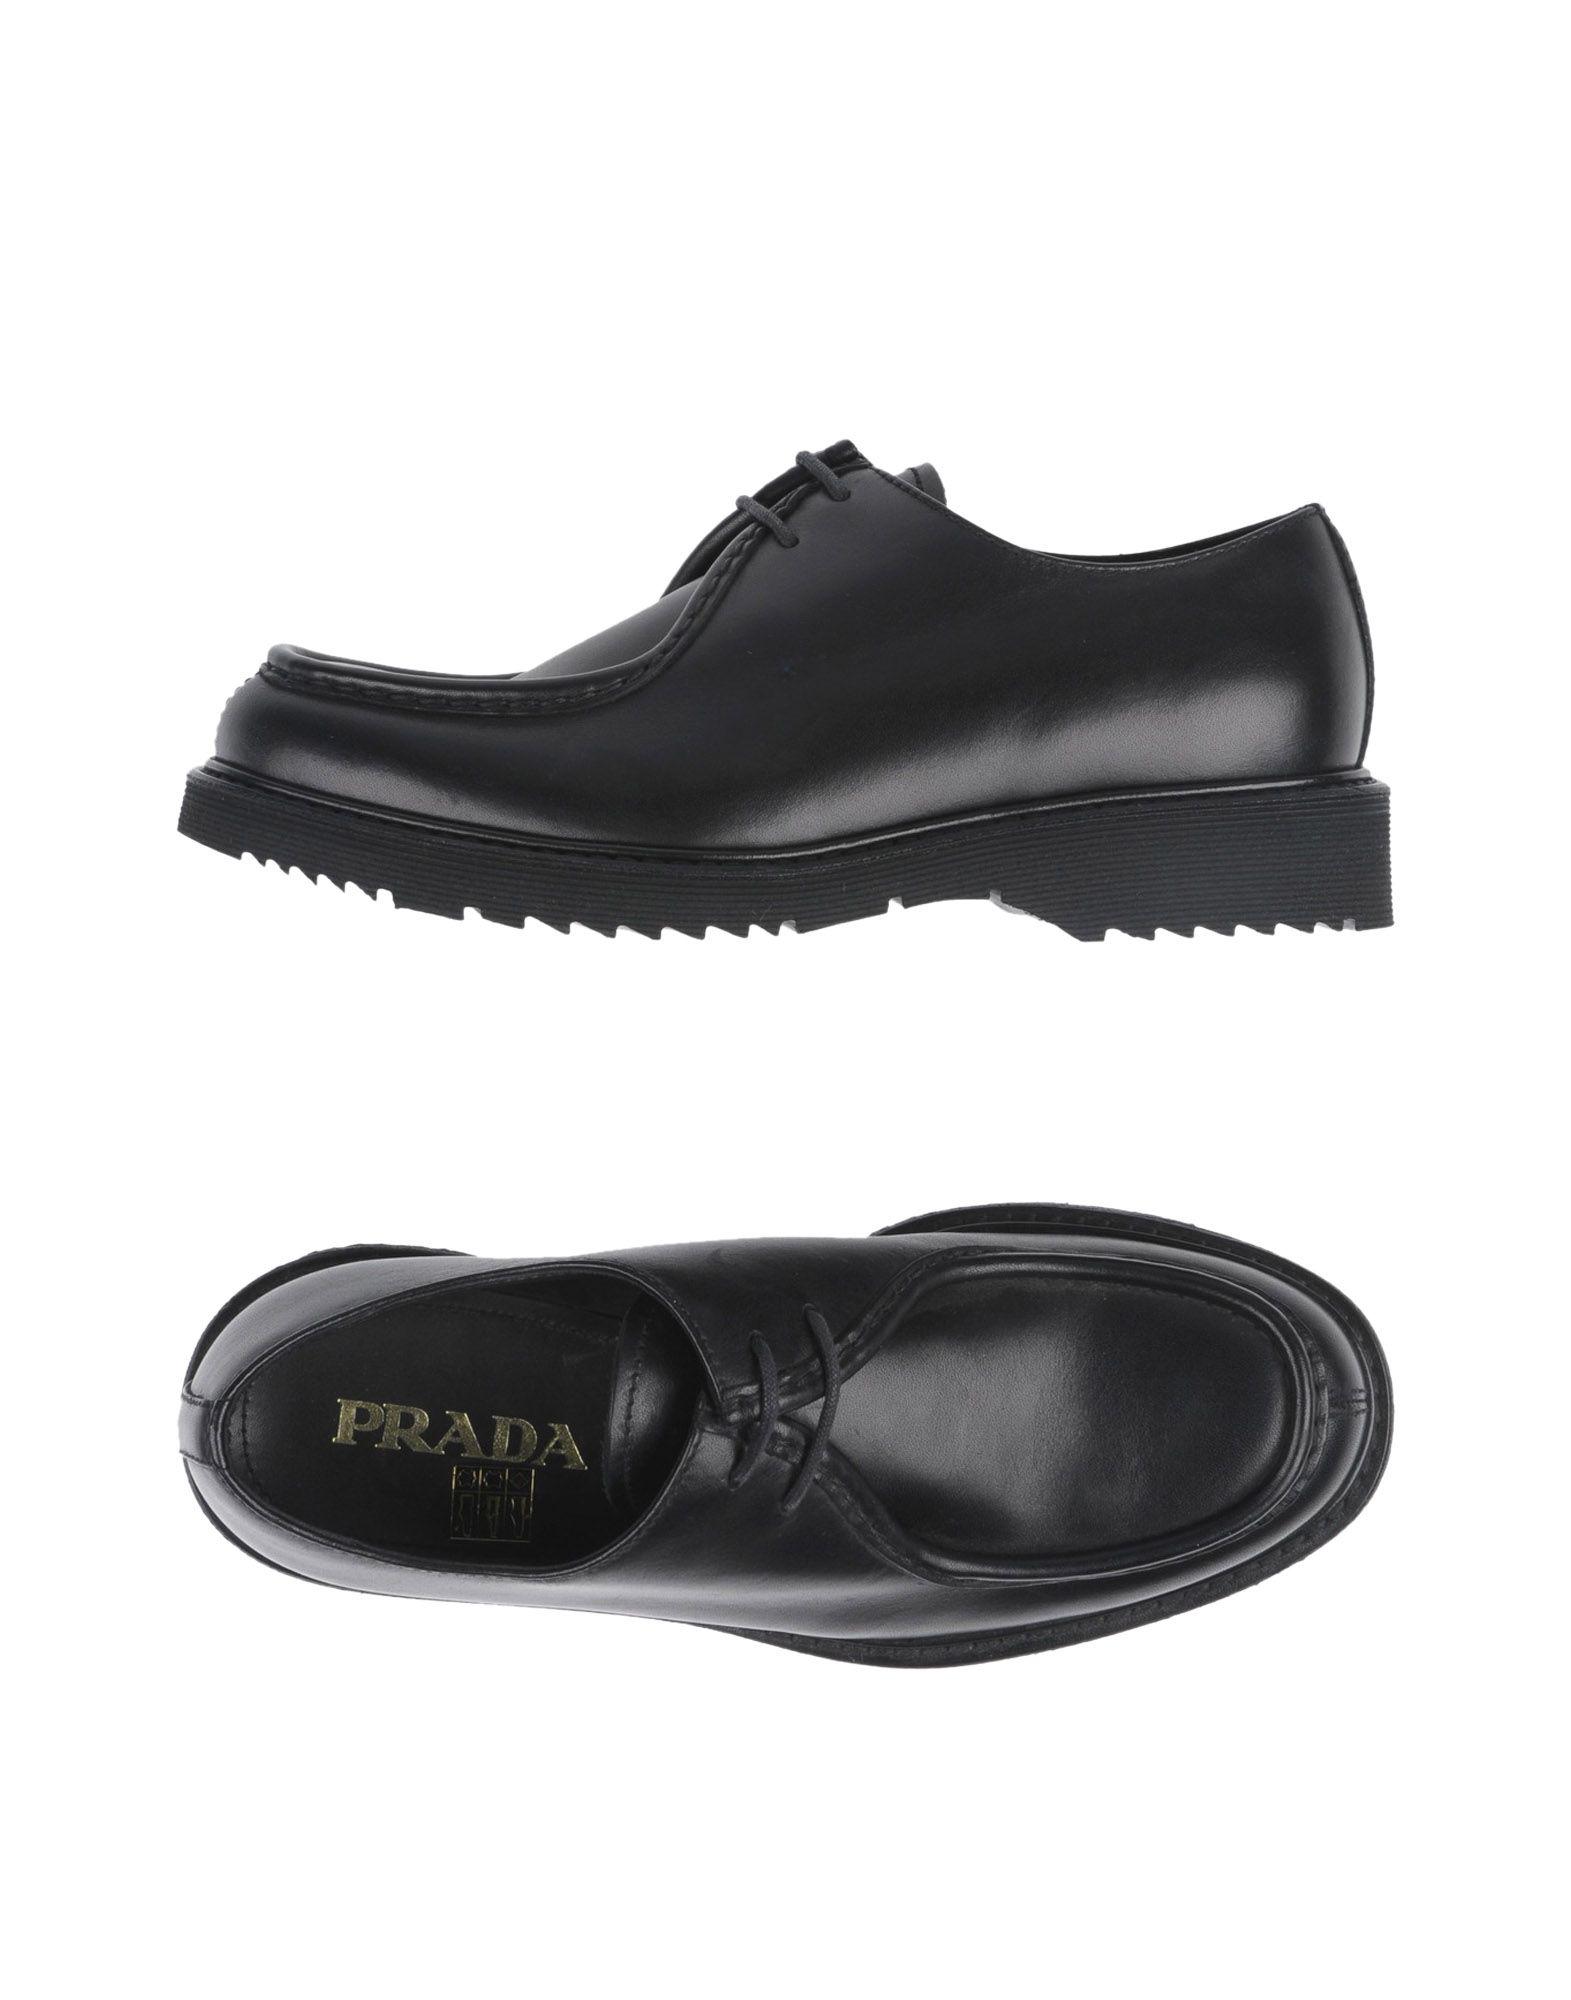 Prada Schnürschuhe Herren  11302606KV Gute Qualität beliebte Schuhe